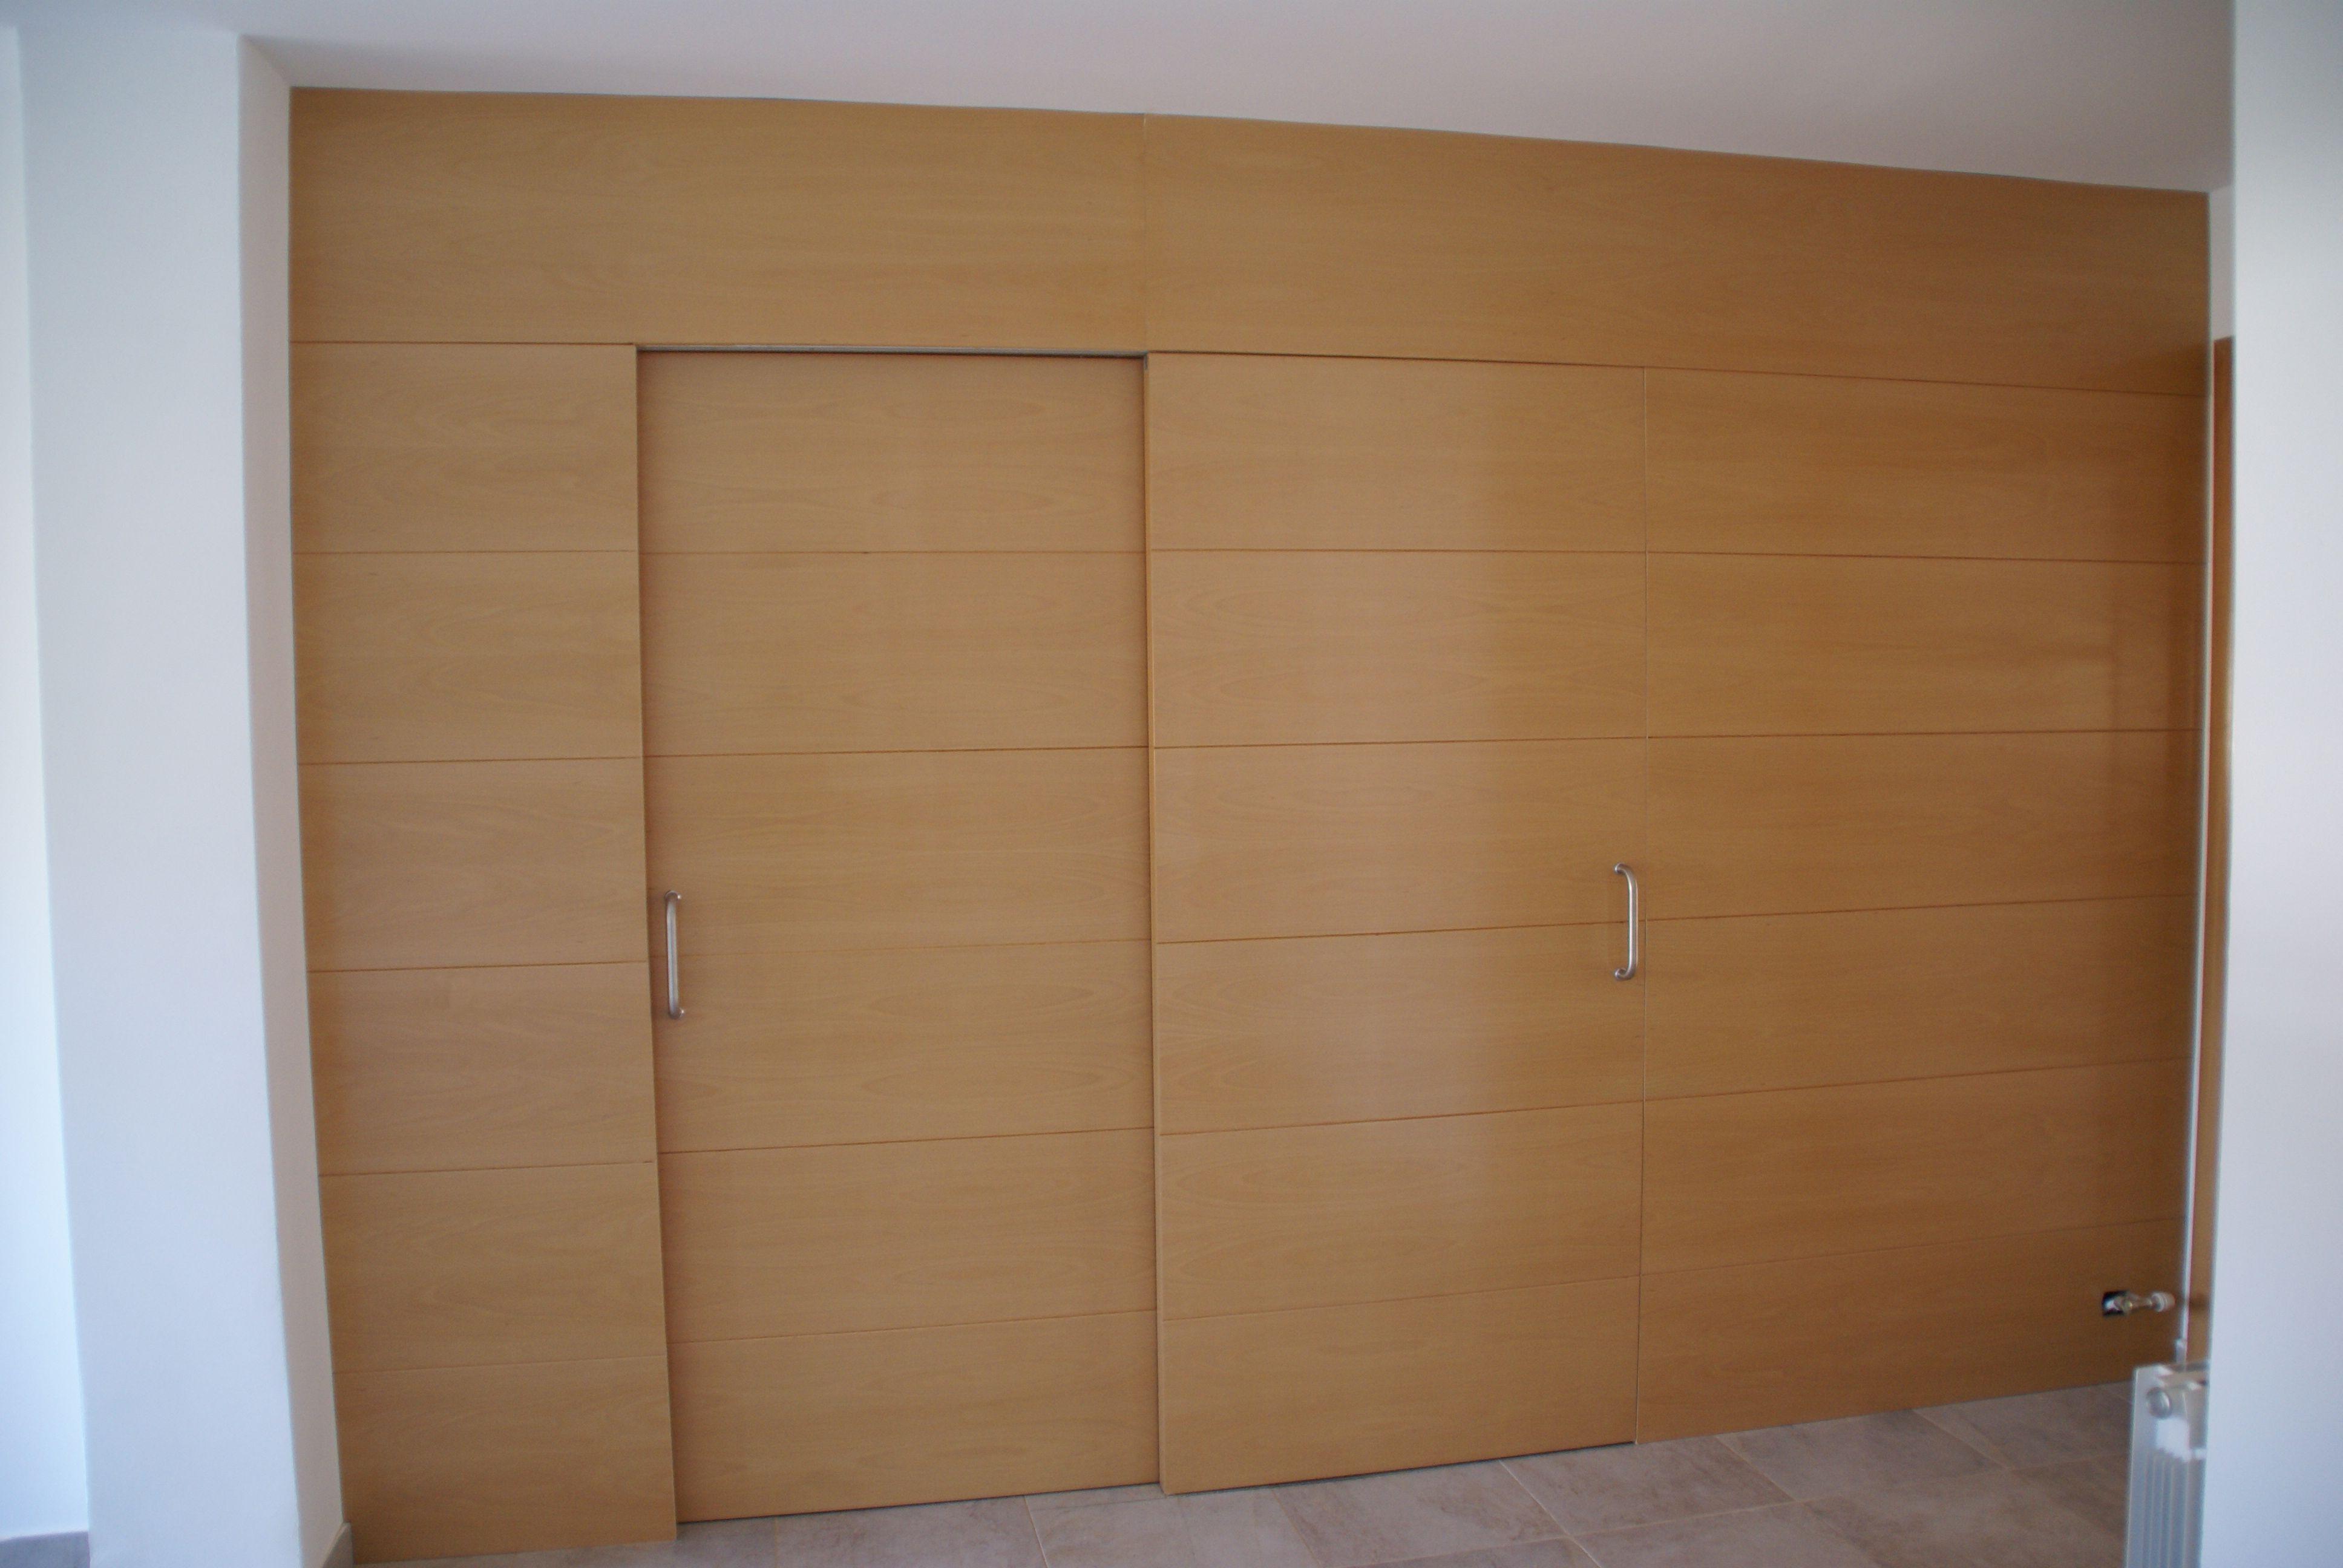 Corredera de doble hoja con panelado de pared a juego puertas de dise o - Puerta corredera doble hoja ...